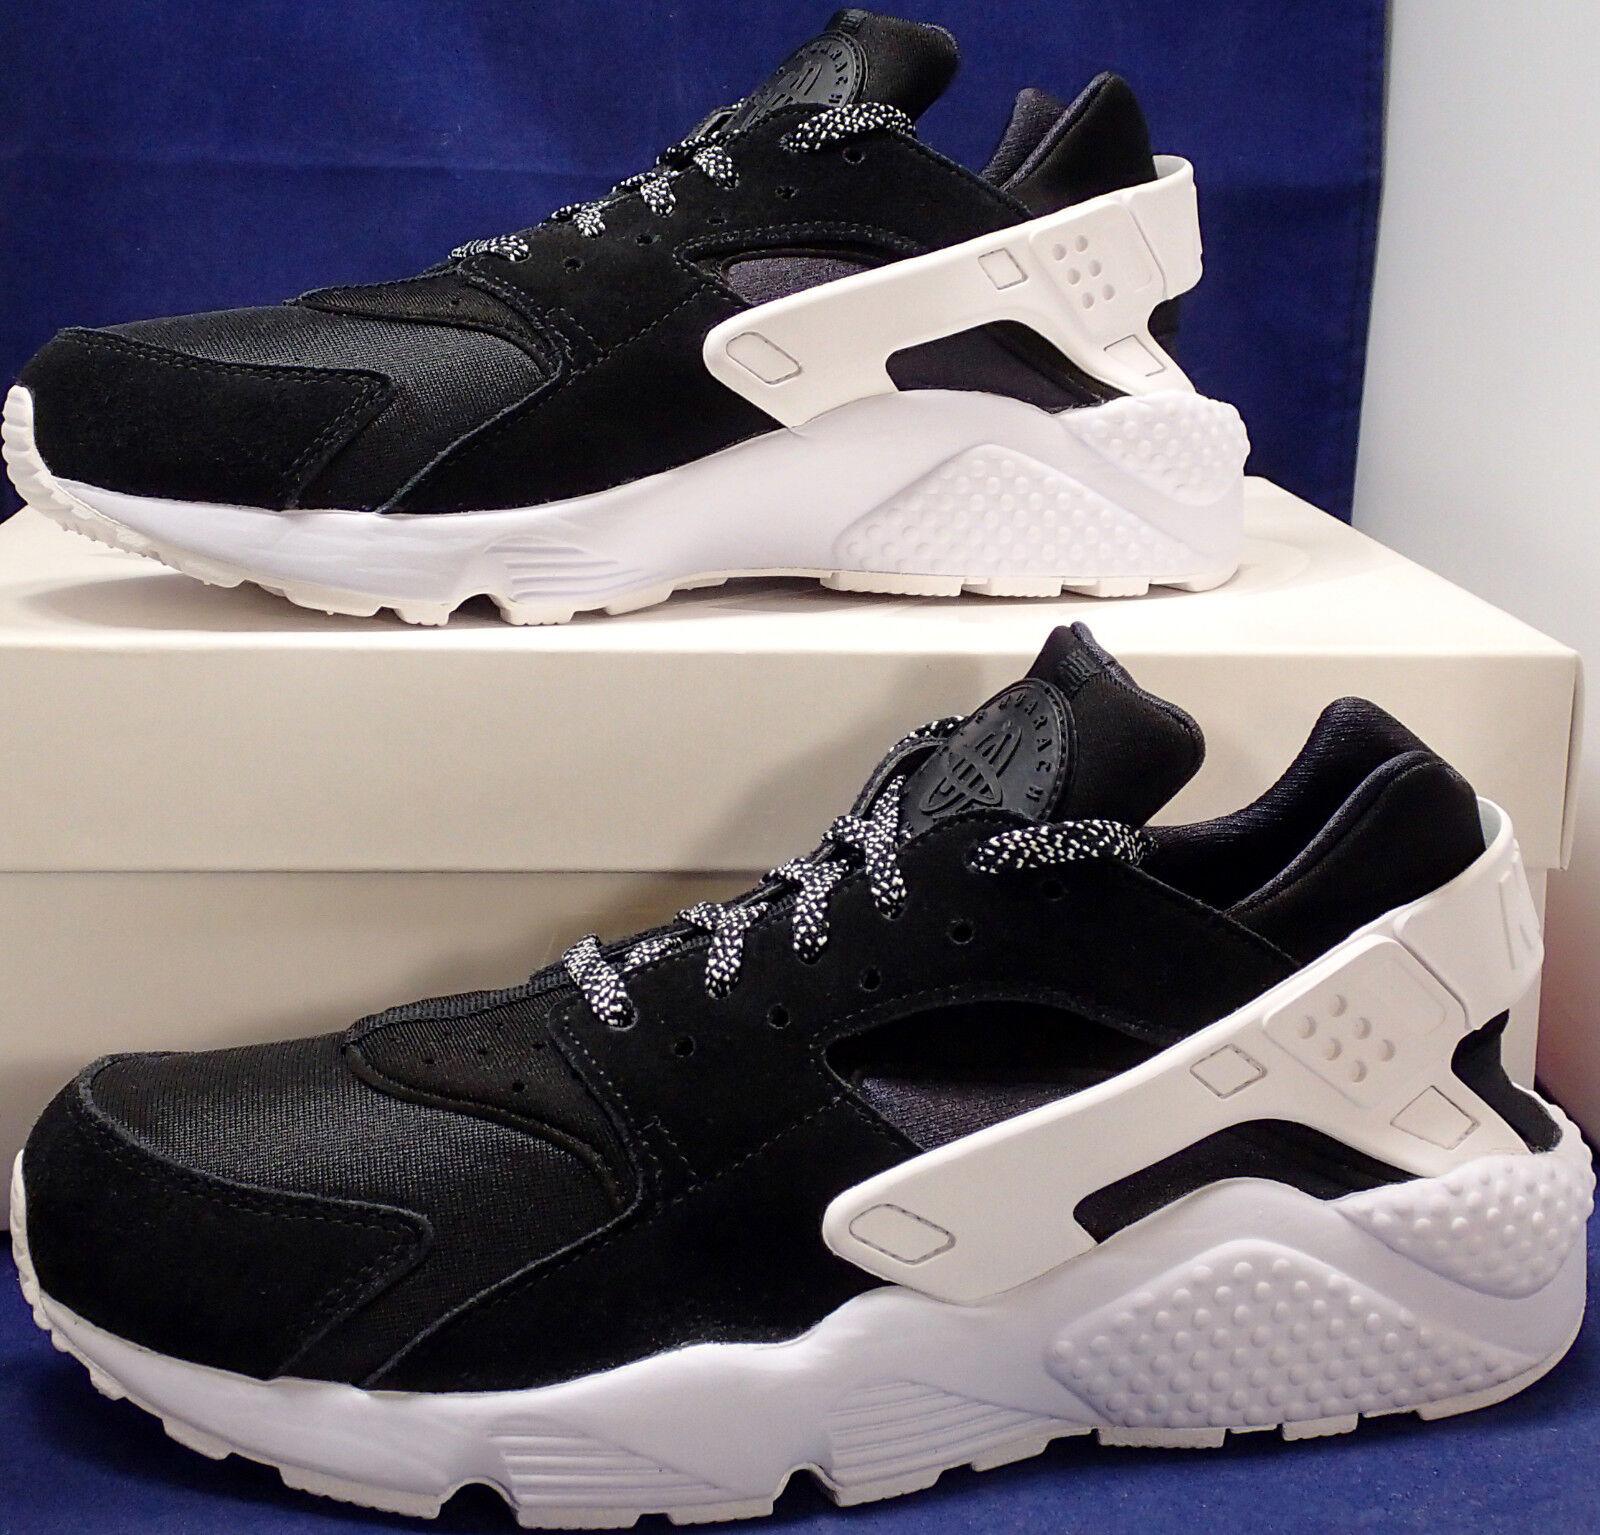 Nike Air Huarache courir iD blanc noir ) SZ 9 ( 777330-983 ) noir 2c9a17